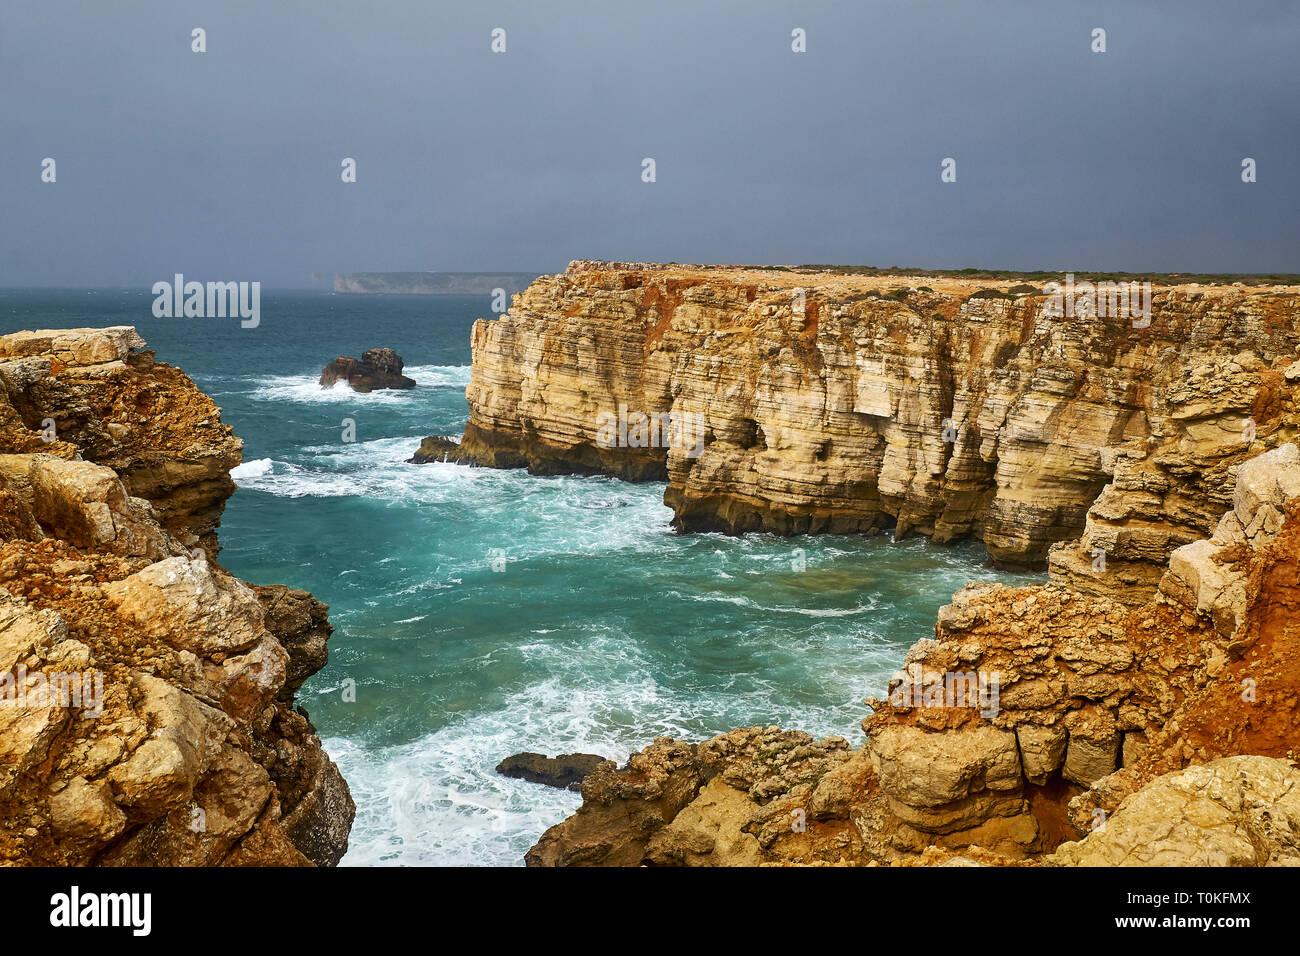 Côte Rocheuse à Cabo de Sao Vicente avec mer agitée près de Sarges, Algarve, Faro, Portugal Banque D'Images